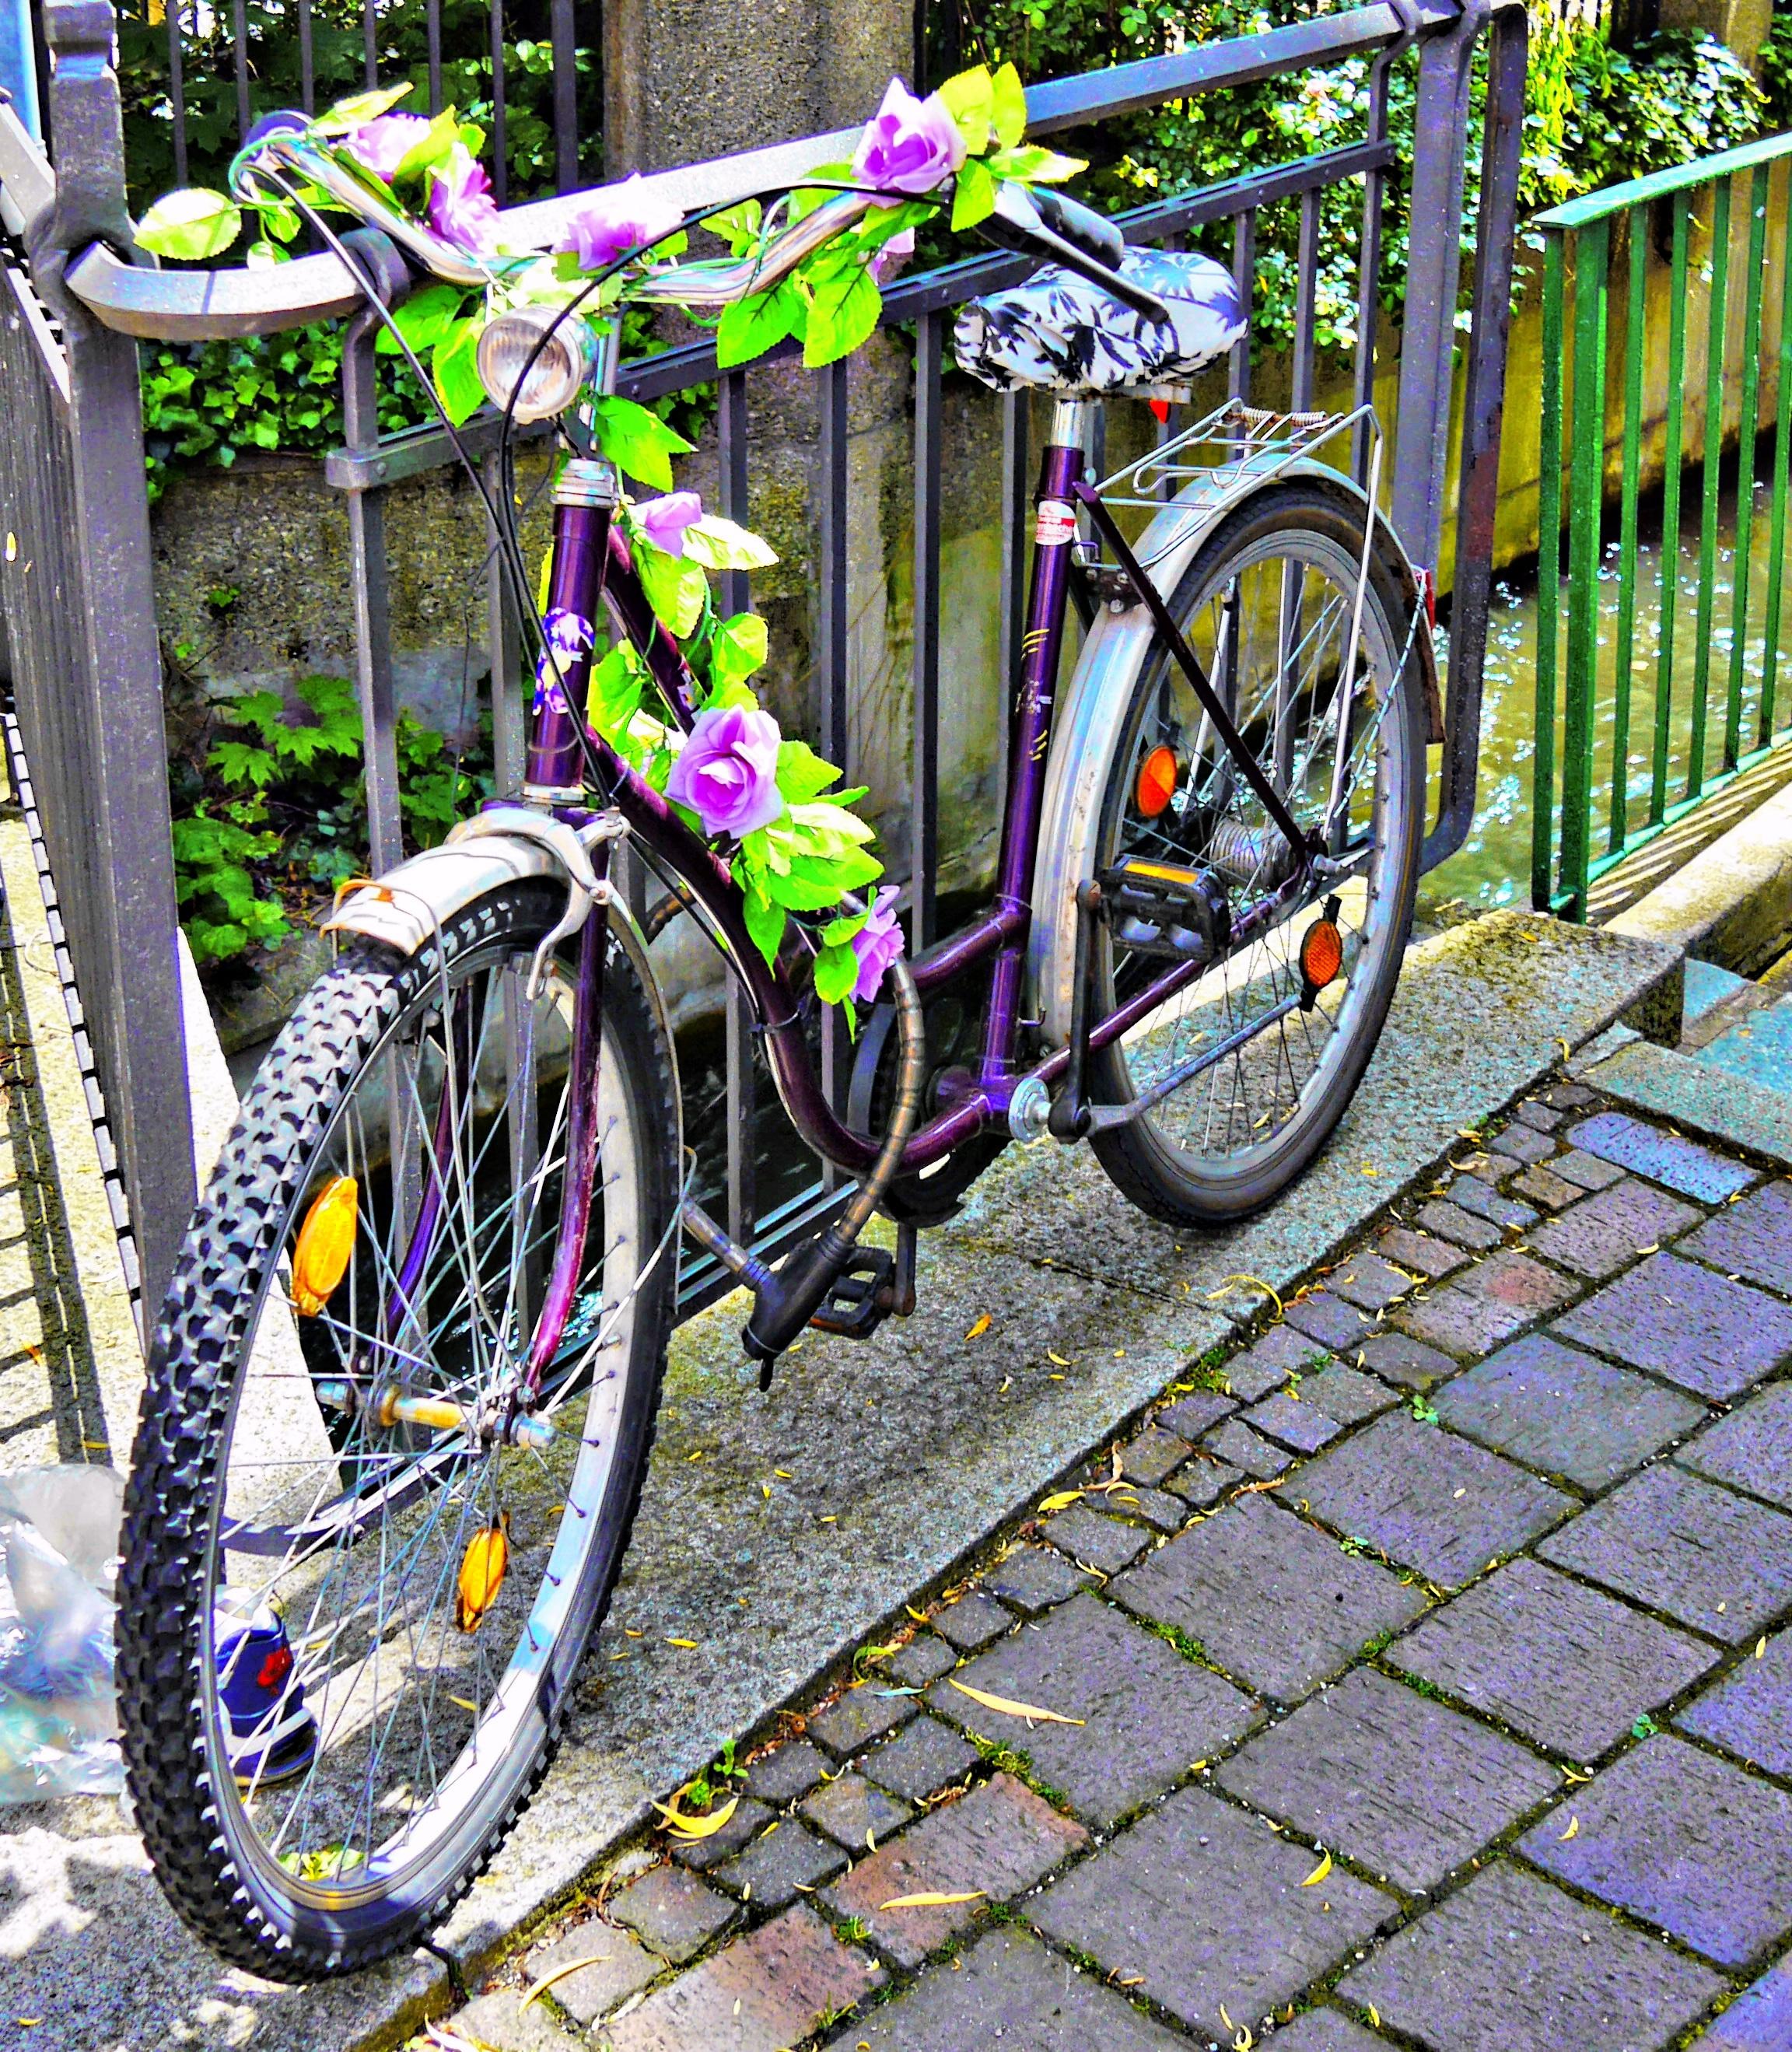 украшенный велосипед картинки поезде ходят